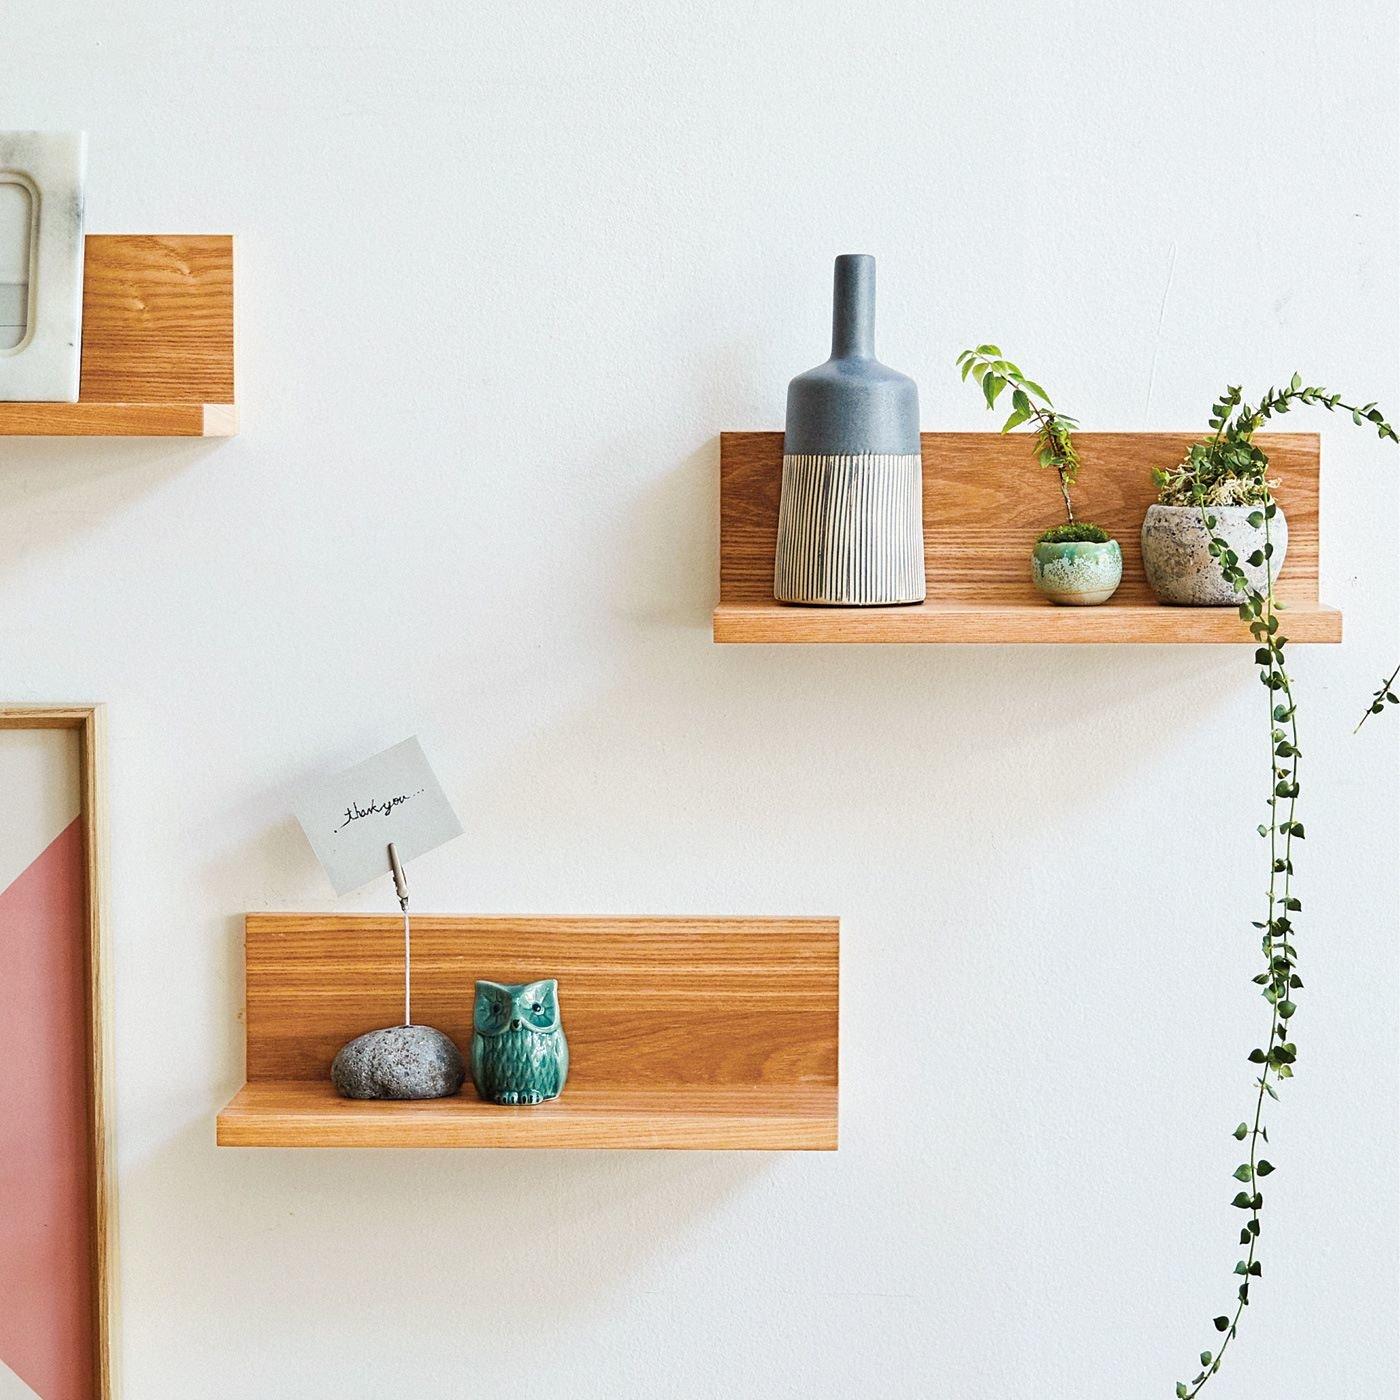 あふれる小物を素敵にディスプレイ 穴が目立ちにくい簡単設置のL字形壁付け棚の会